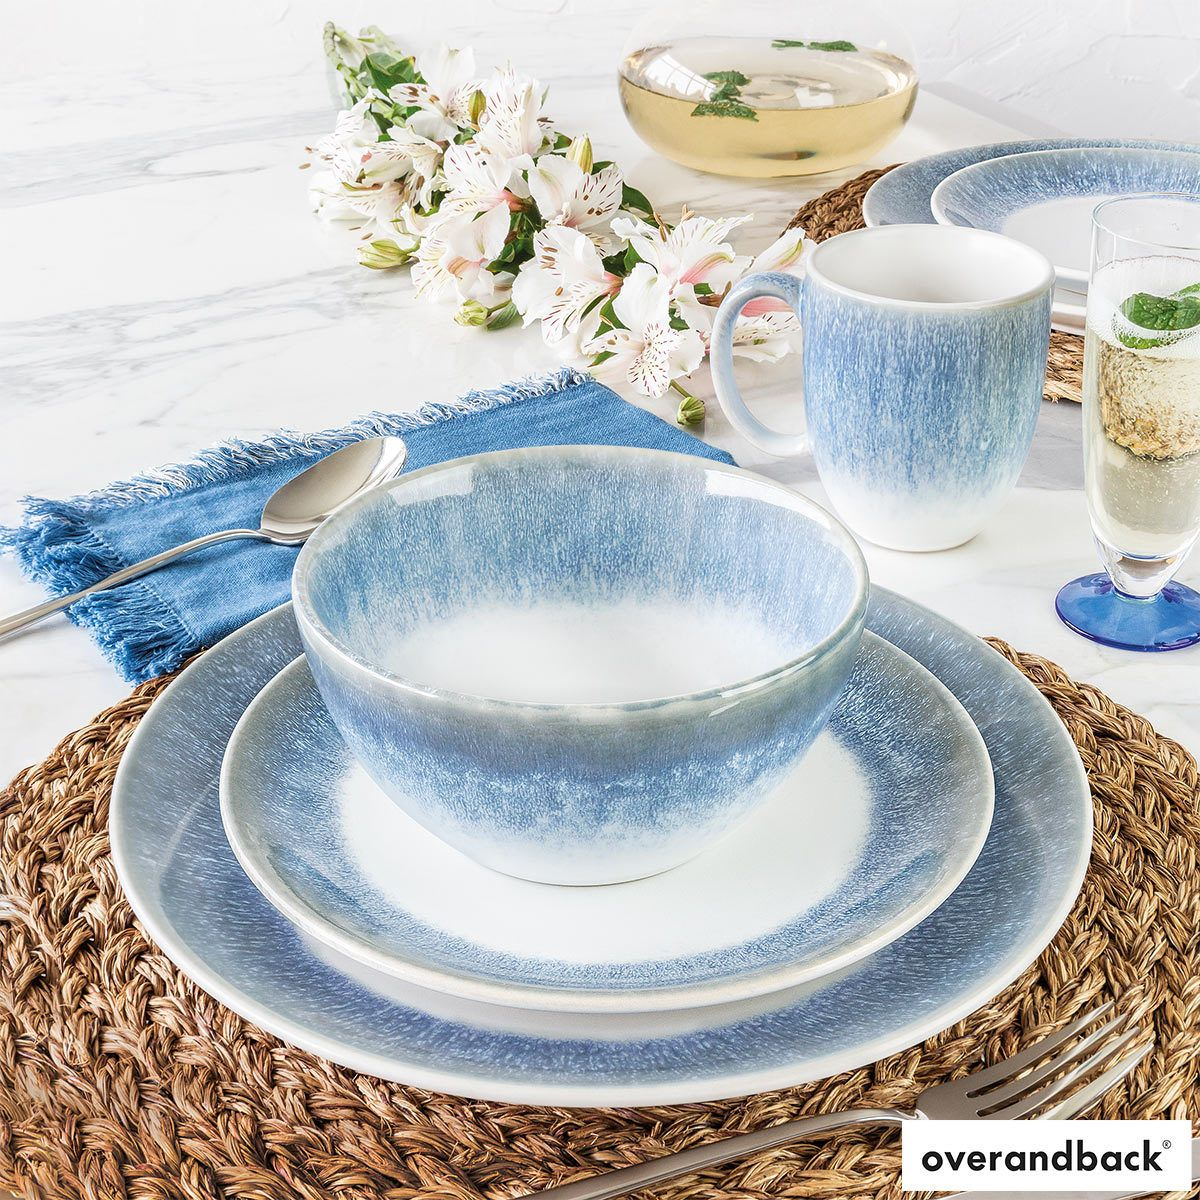 Over & Back Alabaster Stoneware 16 Piece Dinnerware Set in